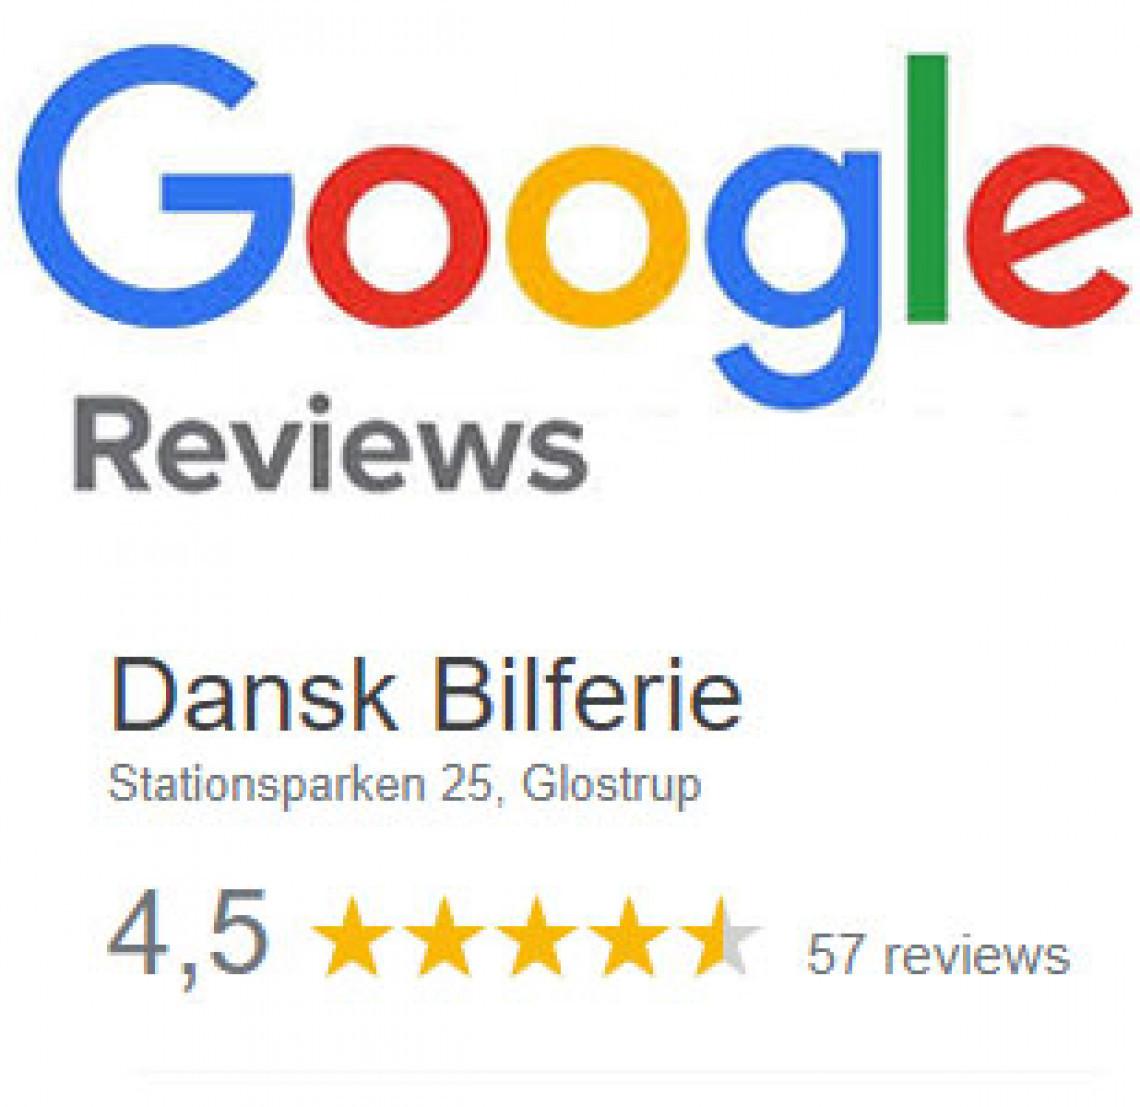 Camping - Google anmeldelser / reviews - Dansk Bilferie